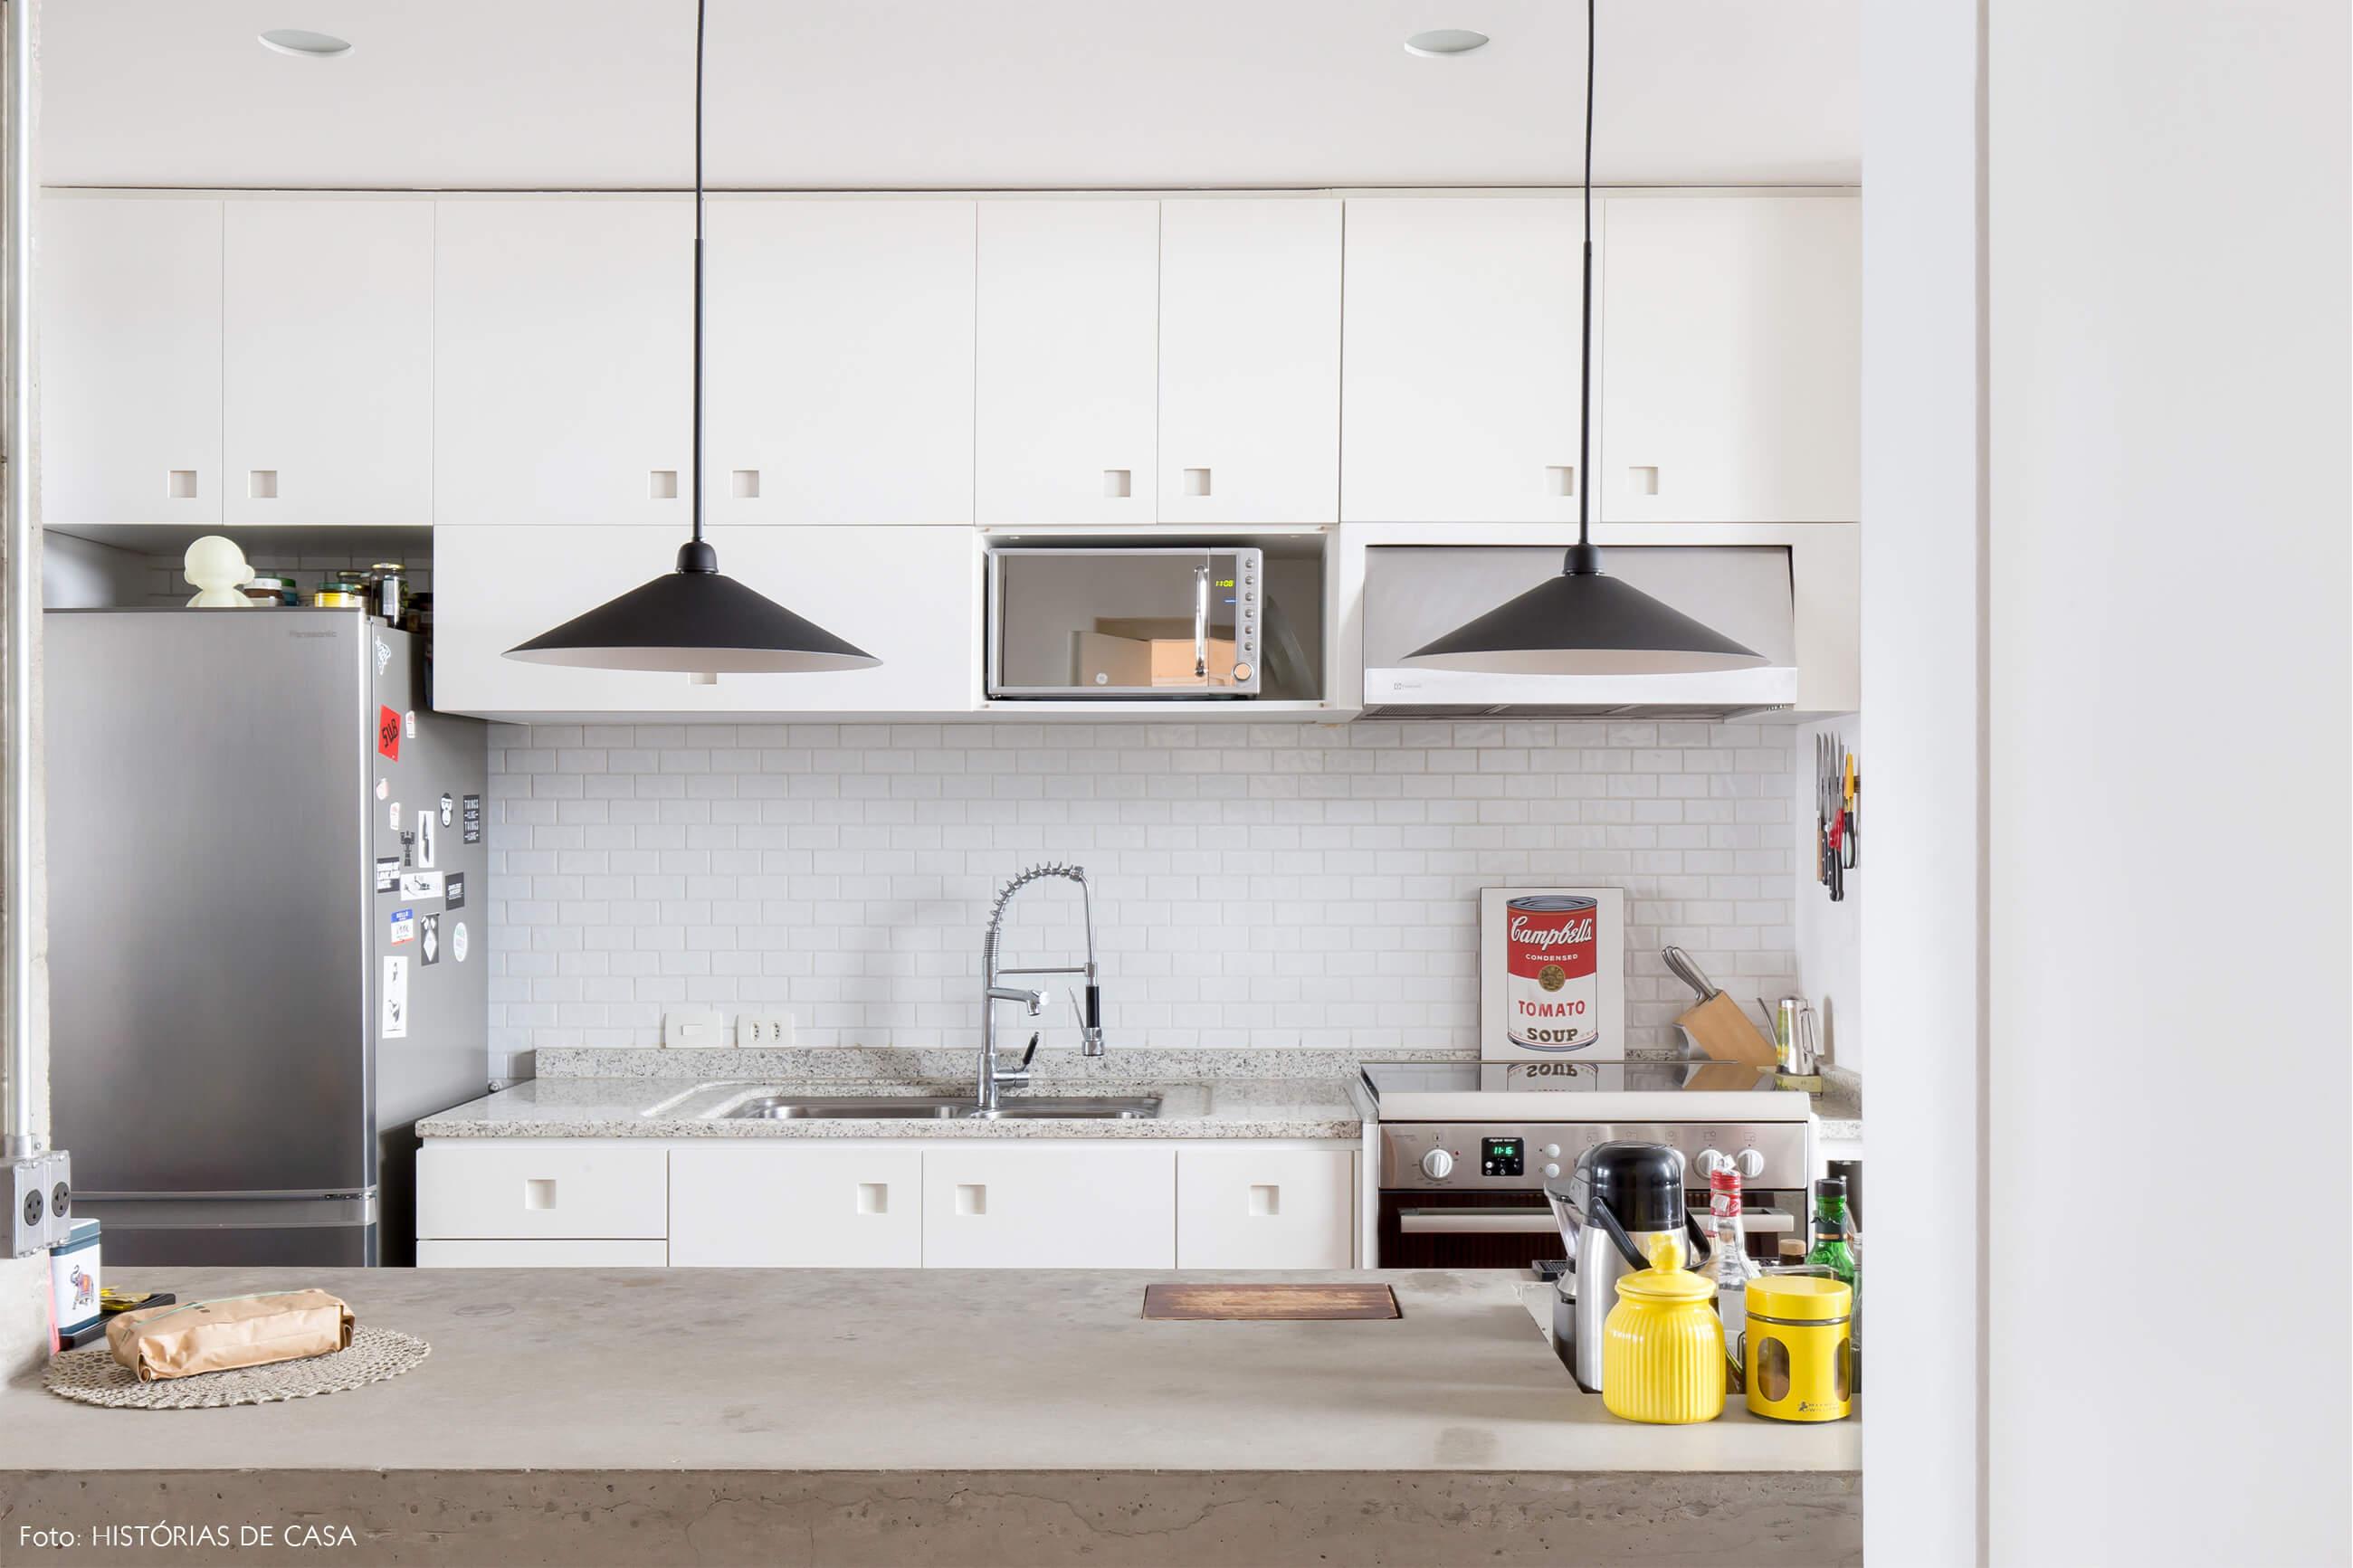 Ap decoração copan cozinha prateleiras brancas bancada de concreto